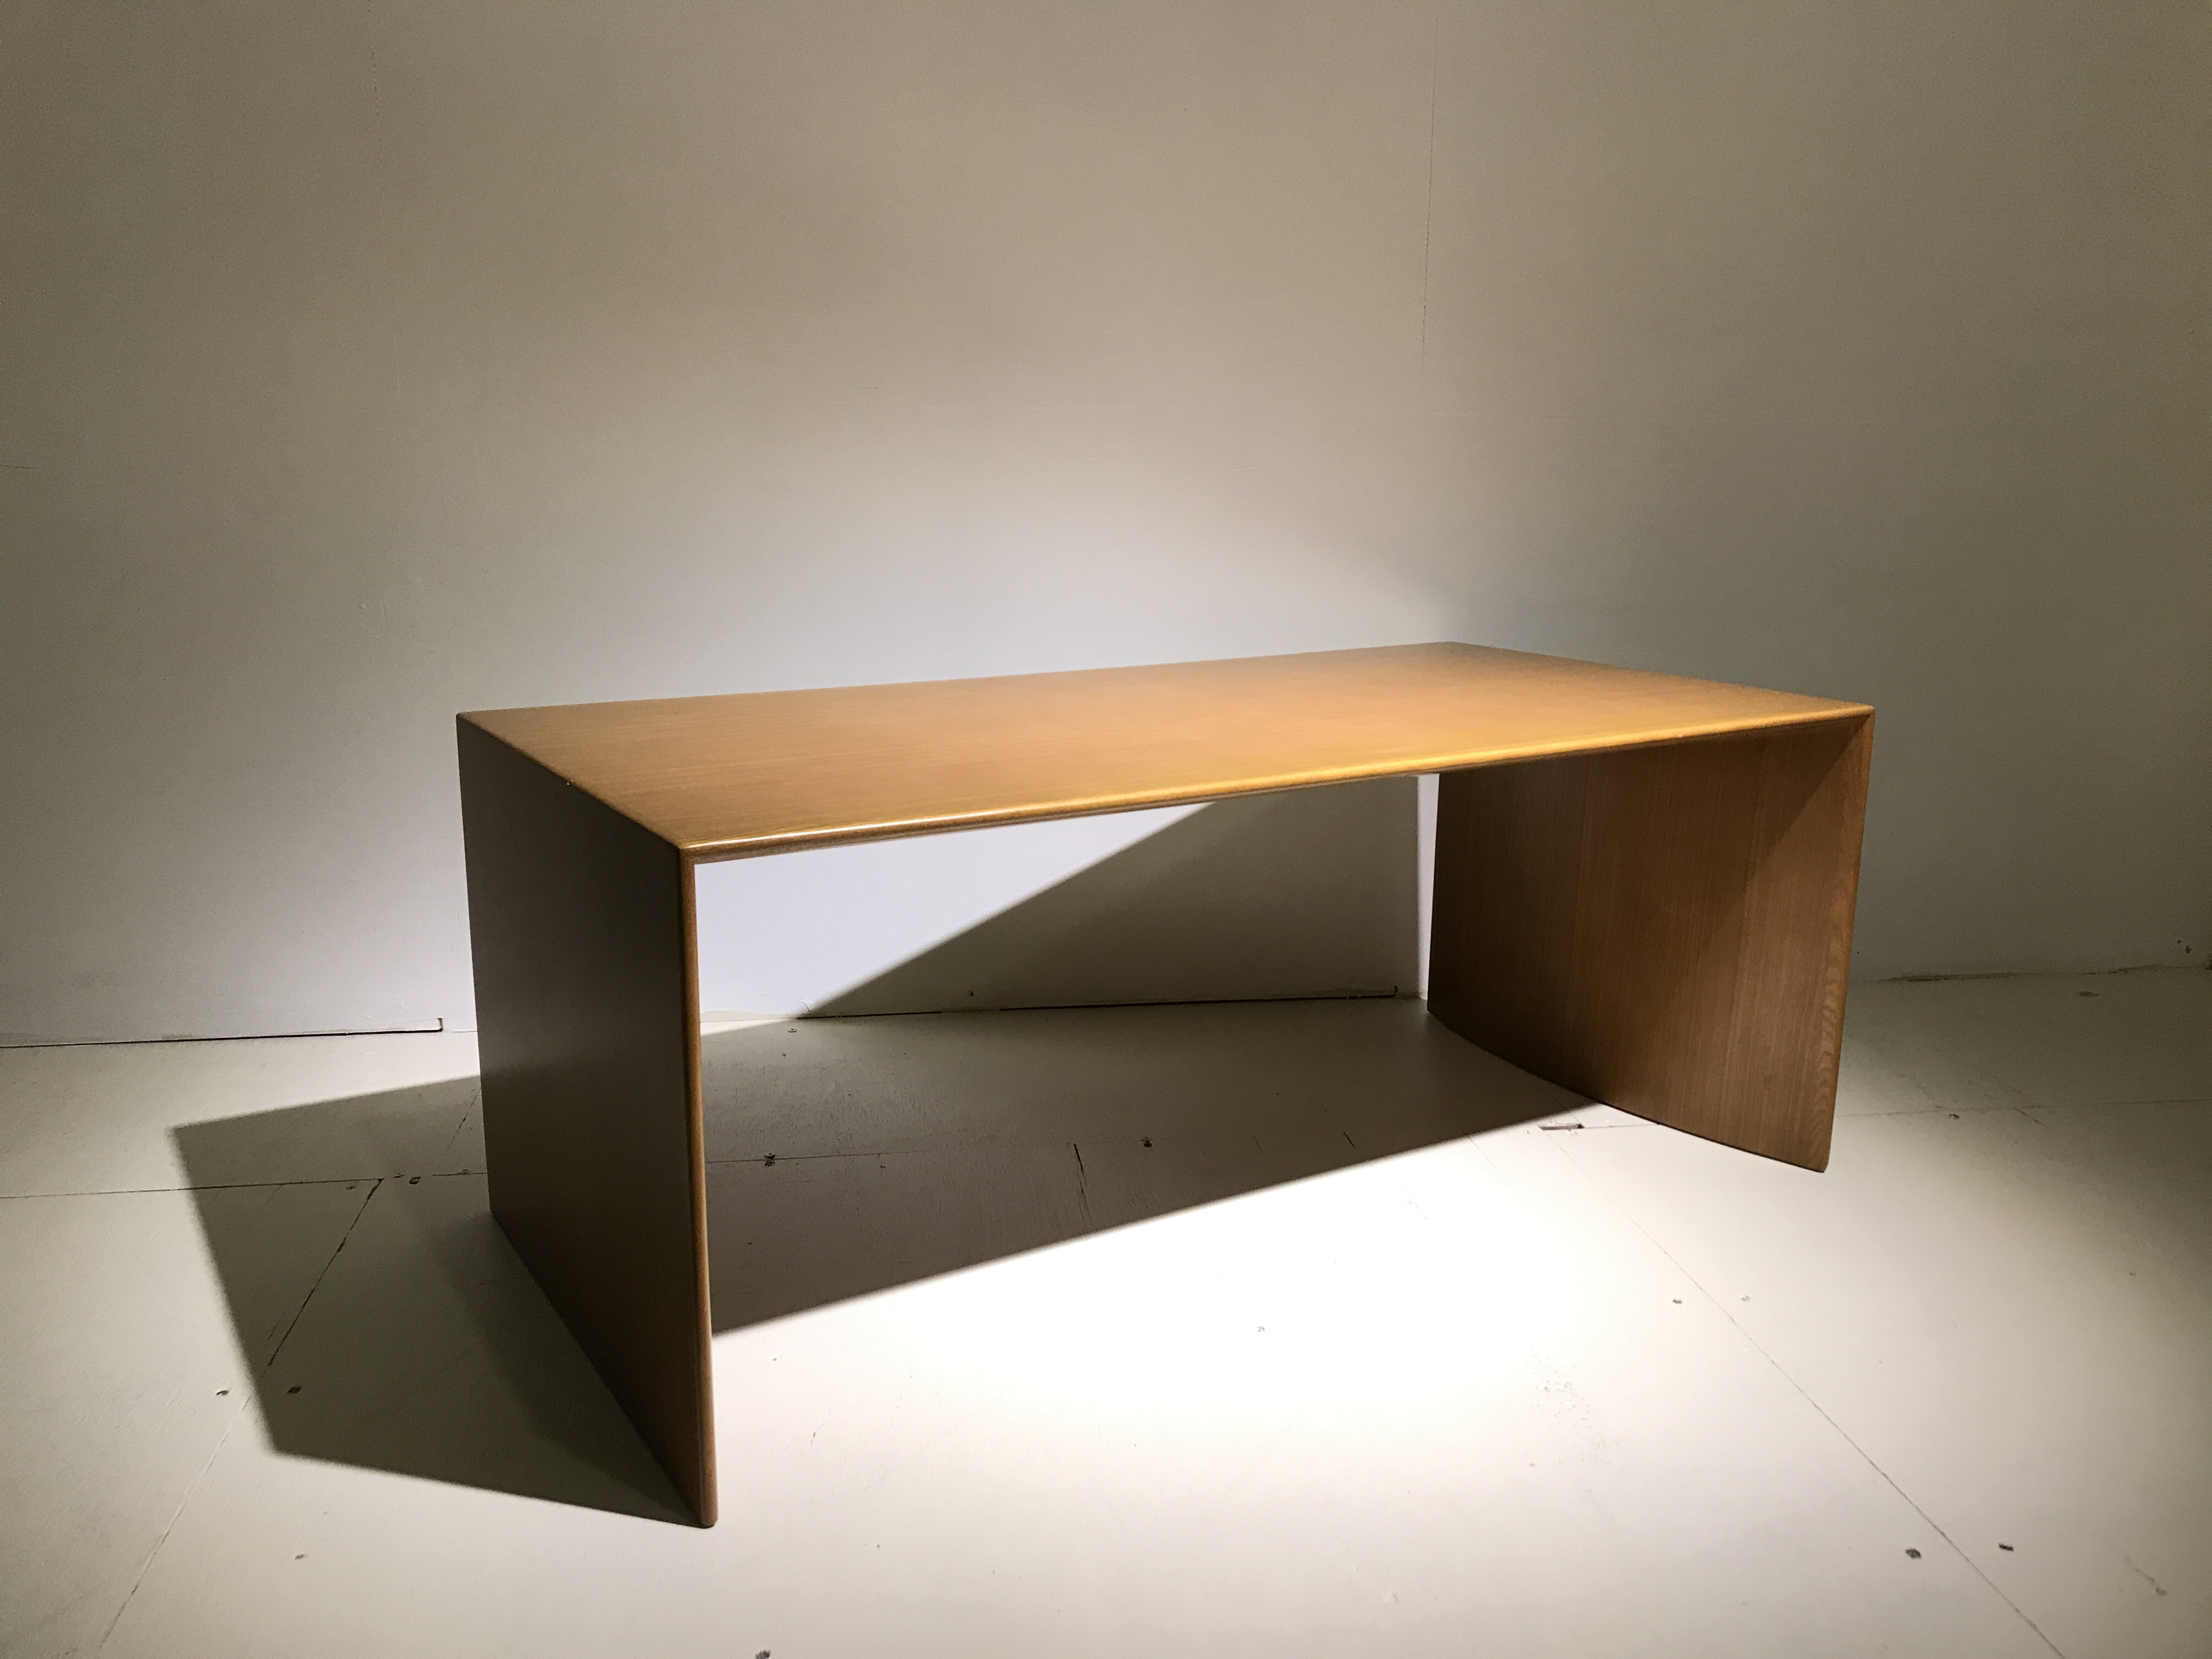 宇都宮 センターテーブル リビングテーブル 中古